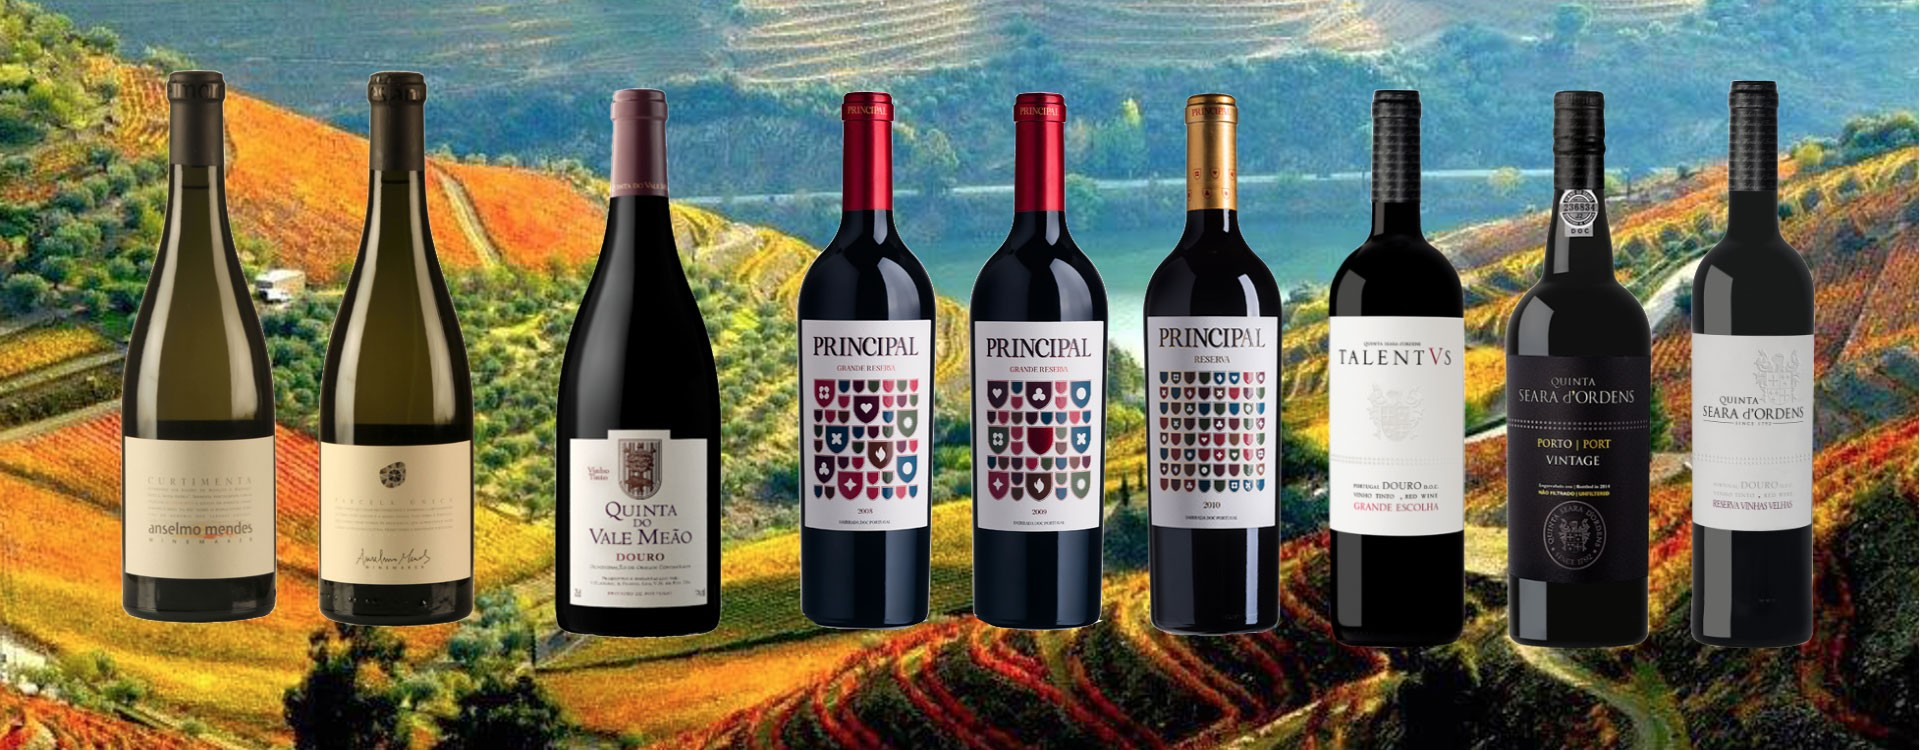 Vin Premium